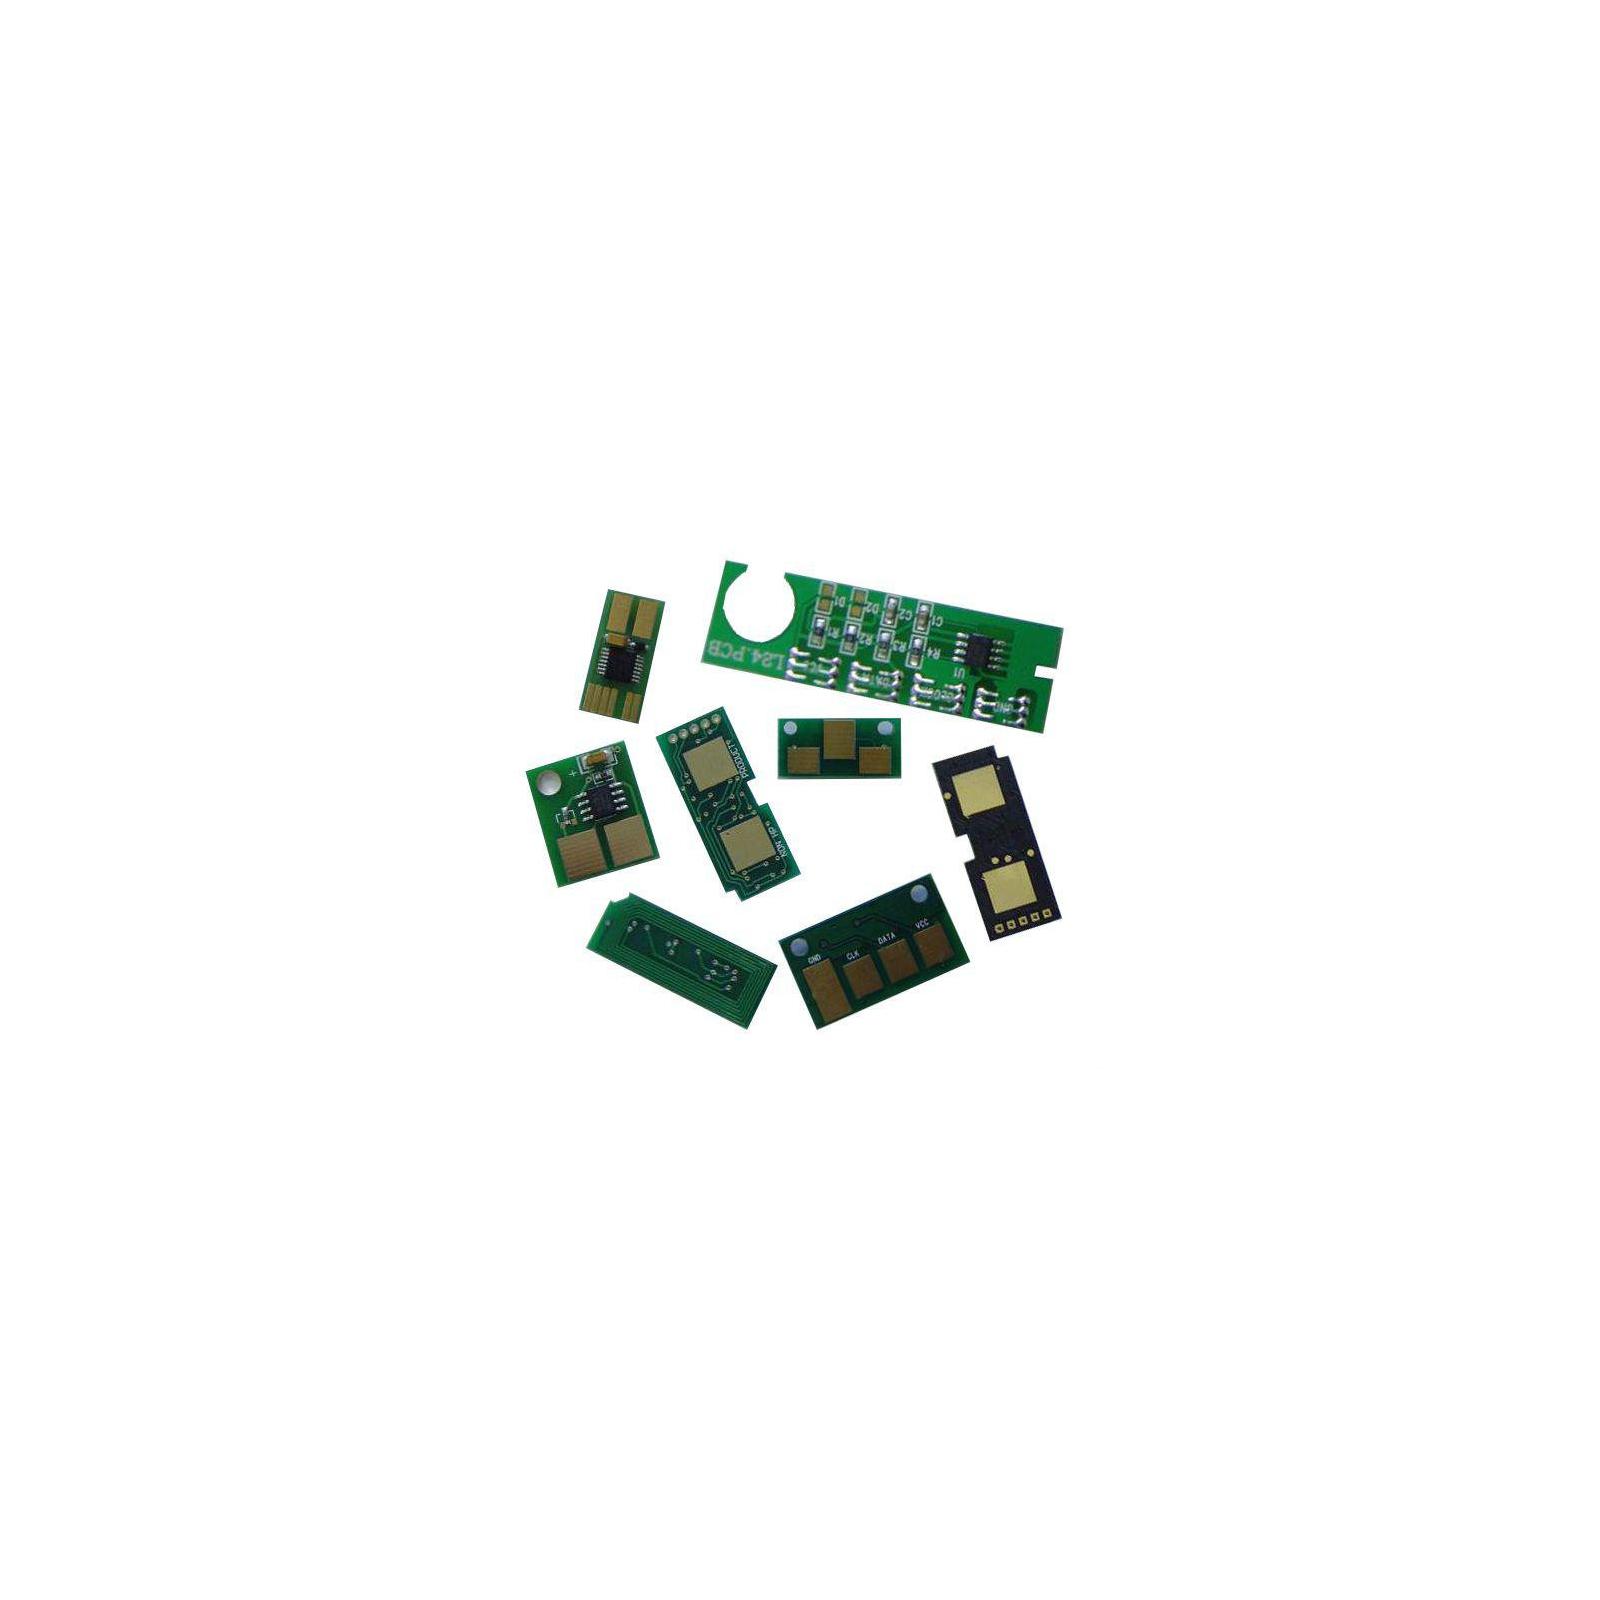 Чип для картриджа EPSON T7021 ДЛЯ WF-4015/4525 BLACK Apex (CHIP-EPS-T7021-B)